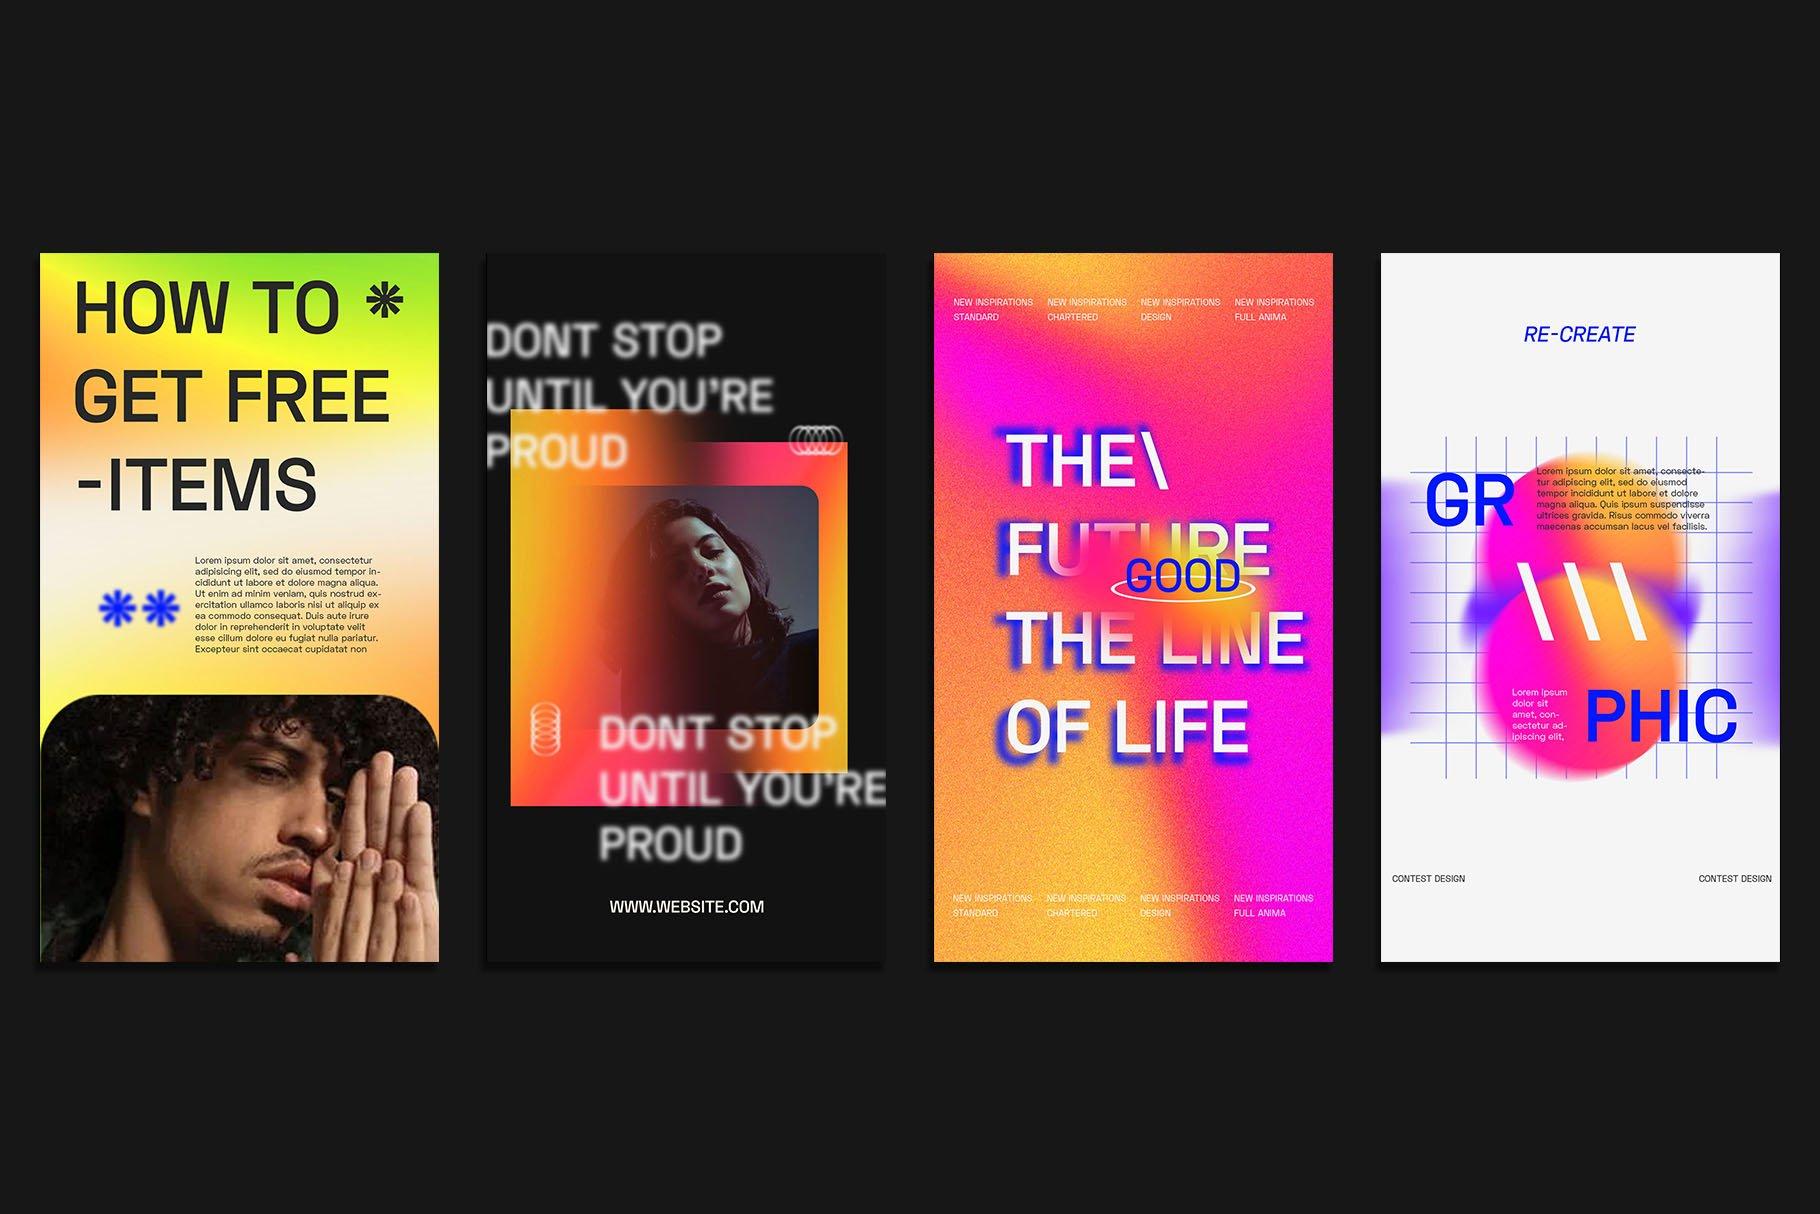 时尚潮流虹彩渐变品牌推广新媒体电商海报设计PSD模板素材 Gradiyent Instagram Templates插图2